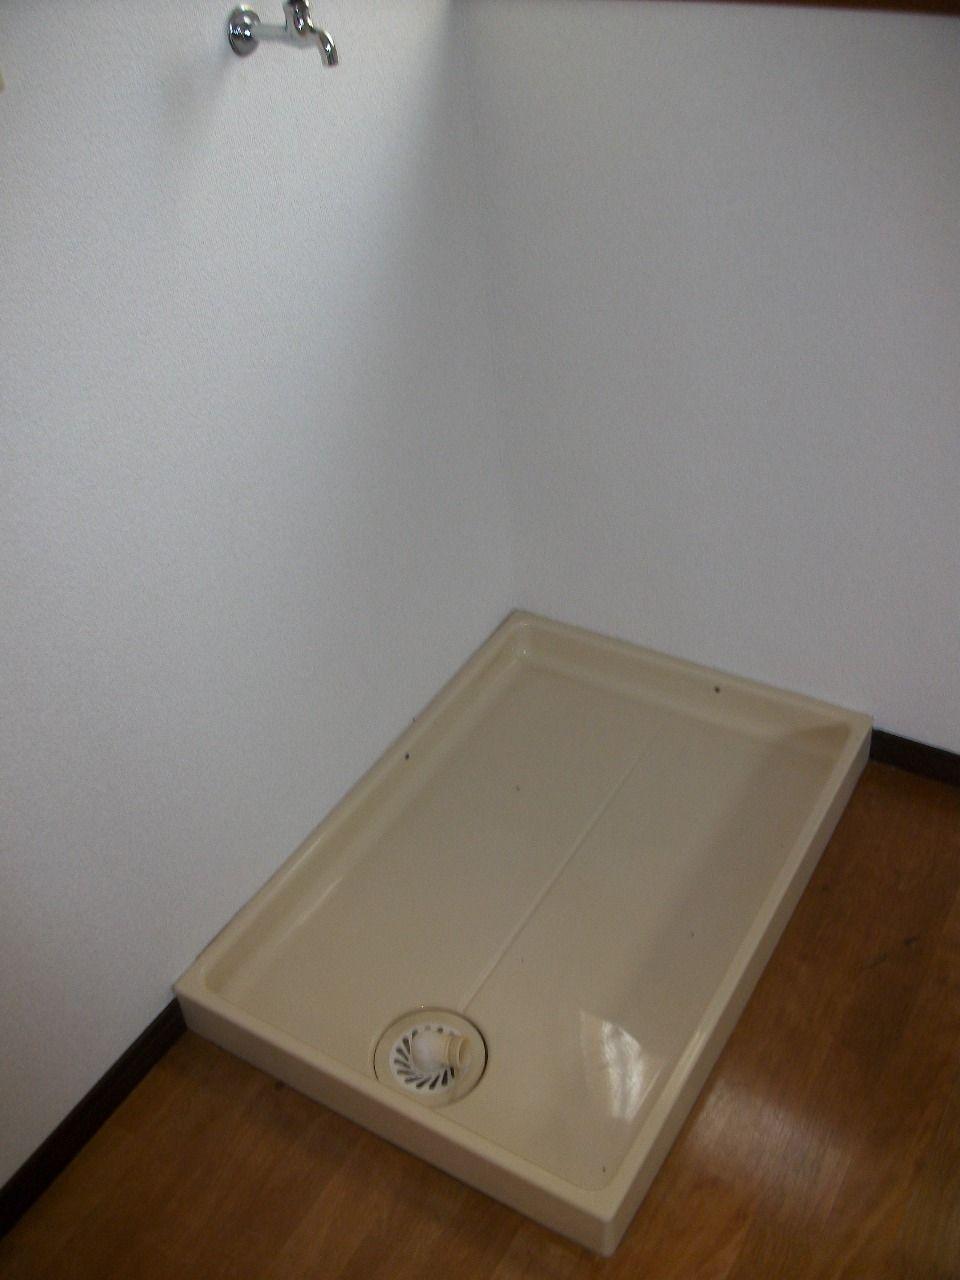 ダイニング部分にございます。洗濯機パン付き。